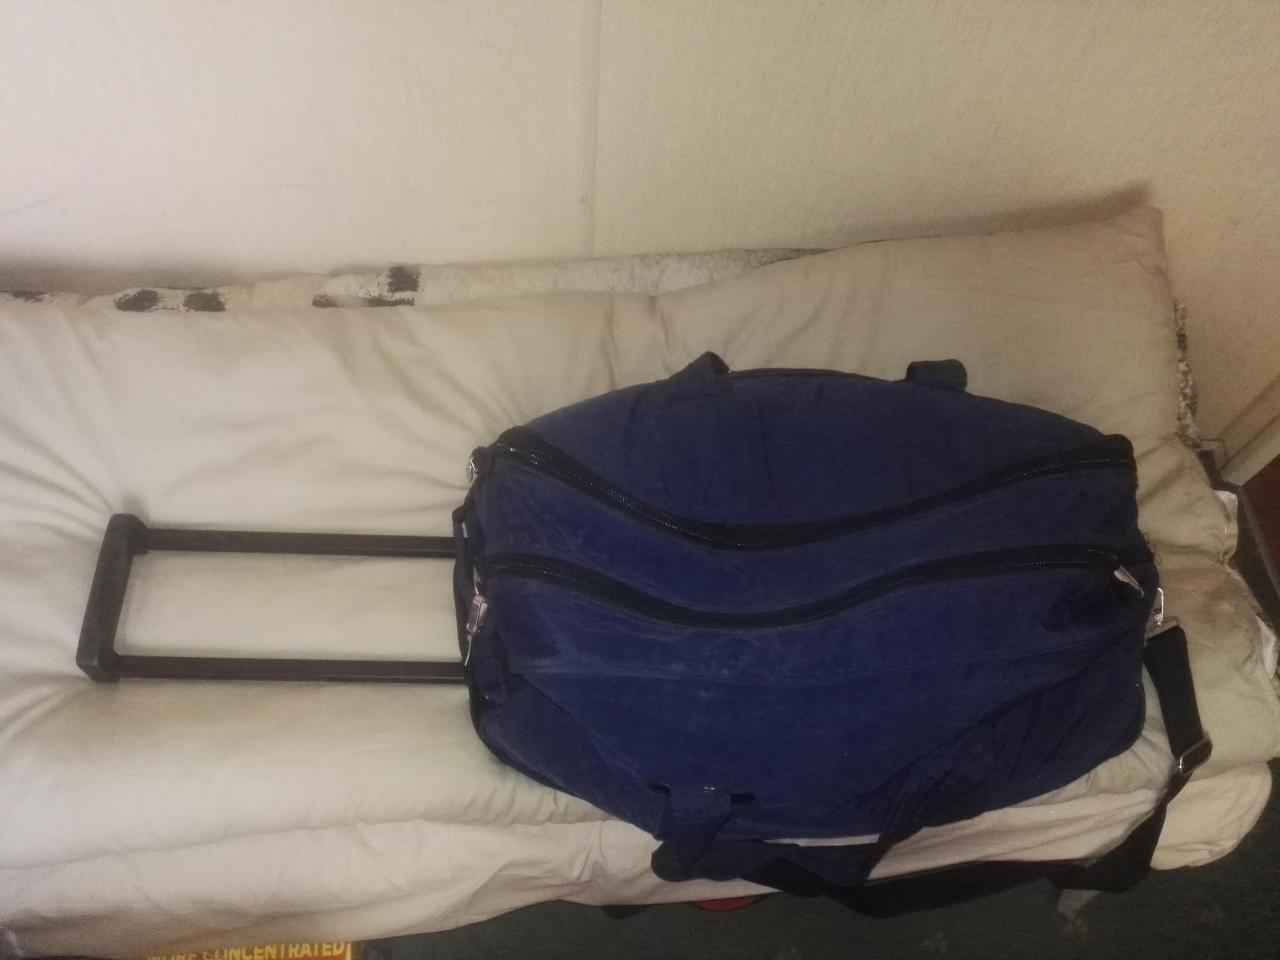 Дорожная сумка- ручная кладь,2 рабочие сапоги, спальный мешок, постельный комплект - 1